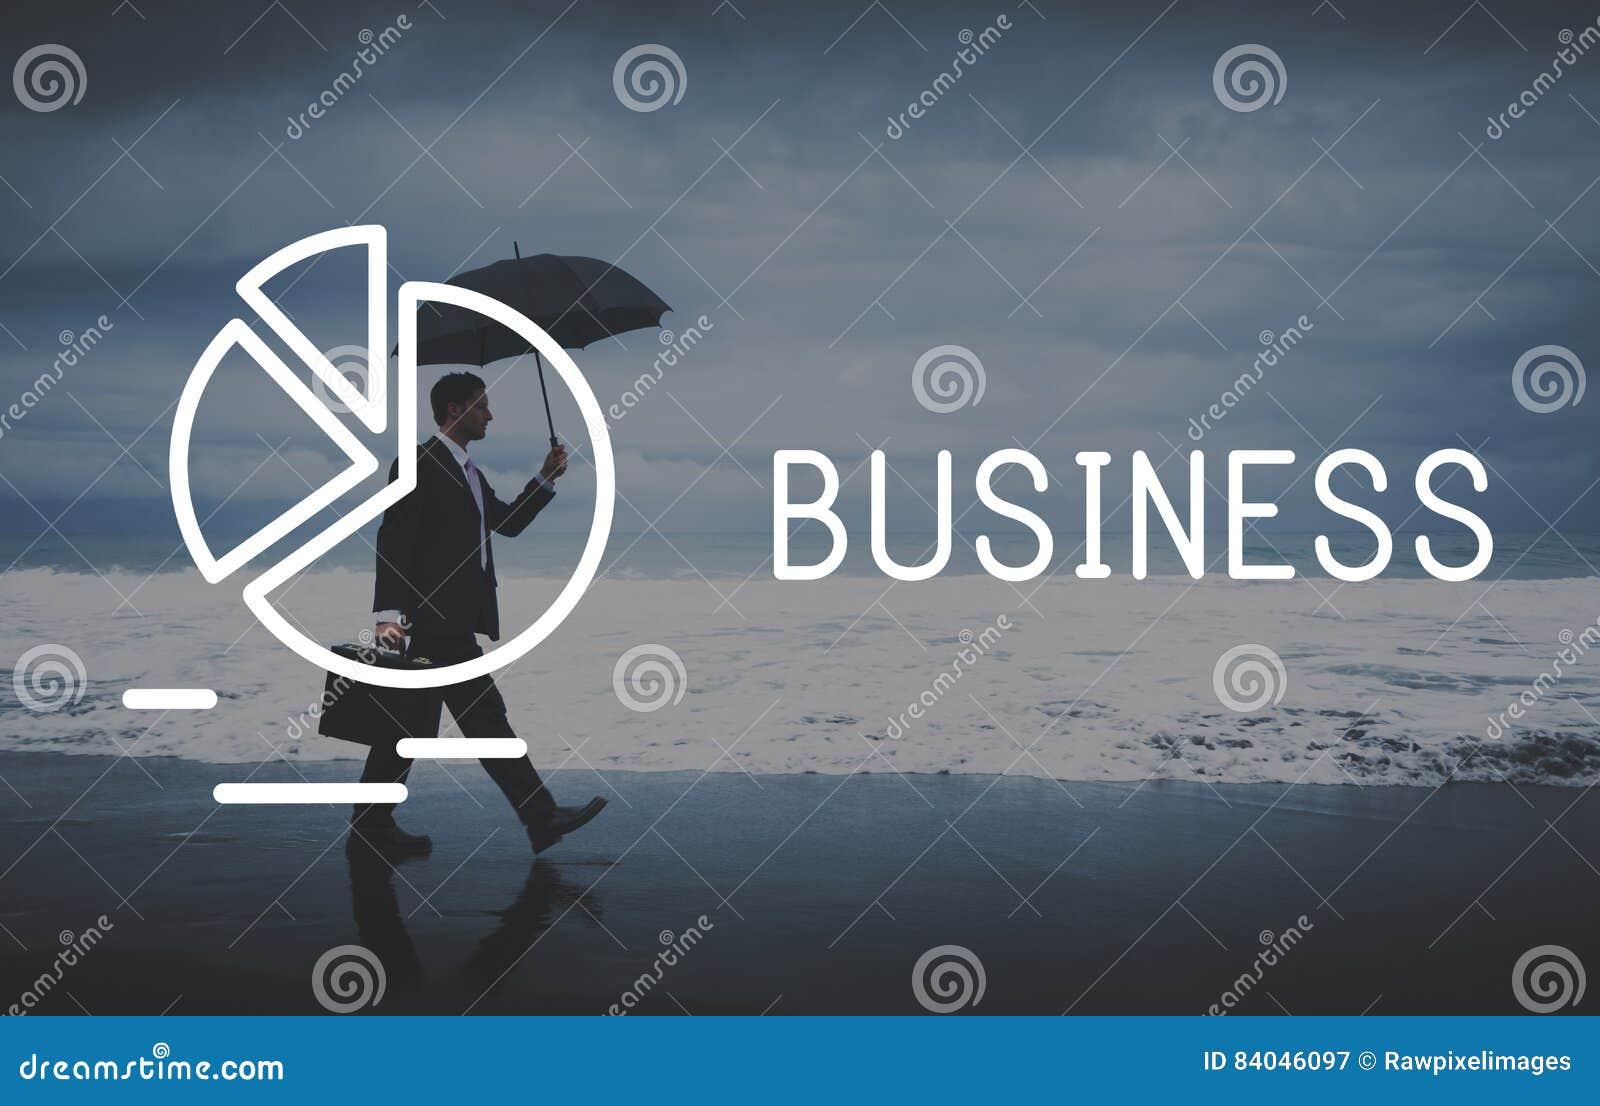 Concepto del desarrollo de la empresa corporativa del negocio